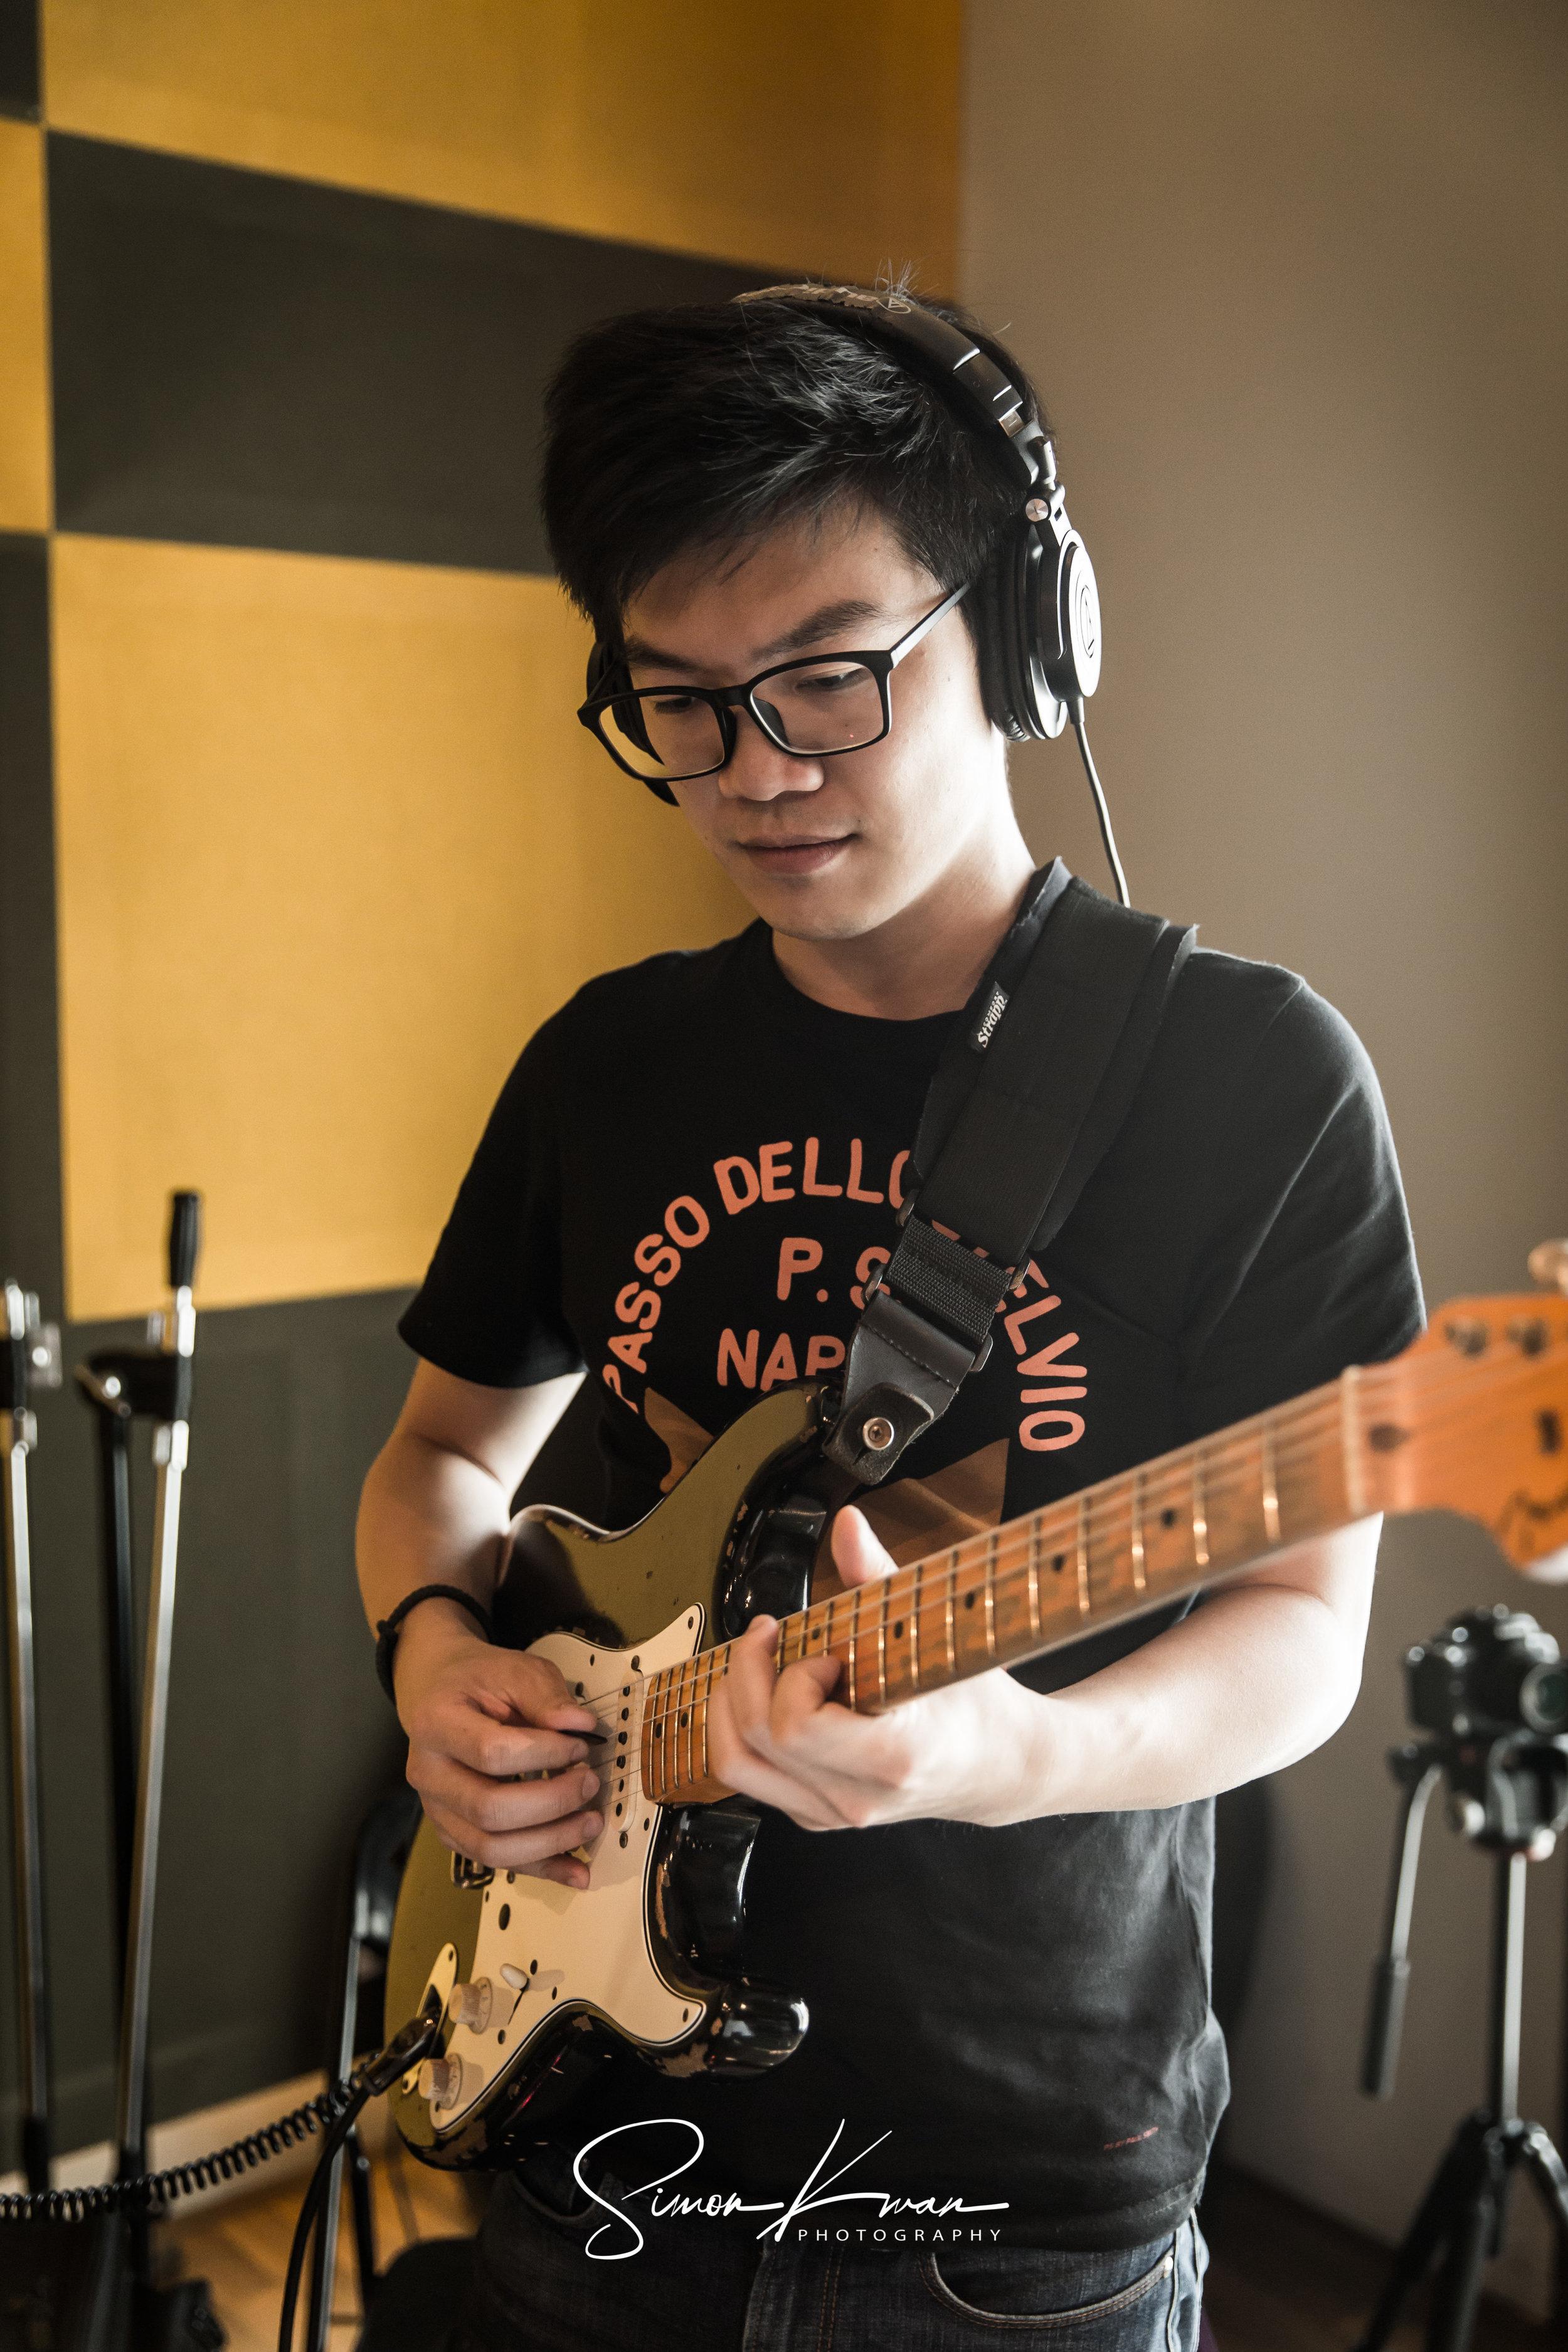 Album Recording Session - Q2 Studio, Hong Kong18th Octobert, 2017